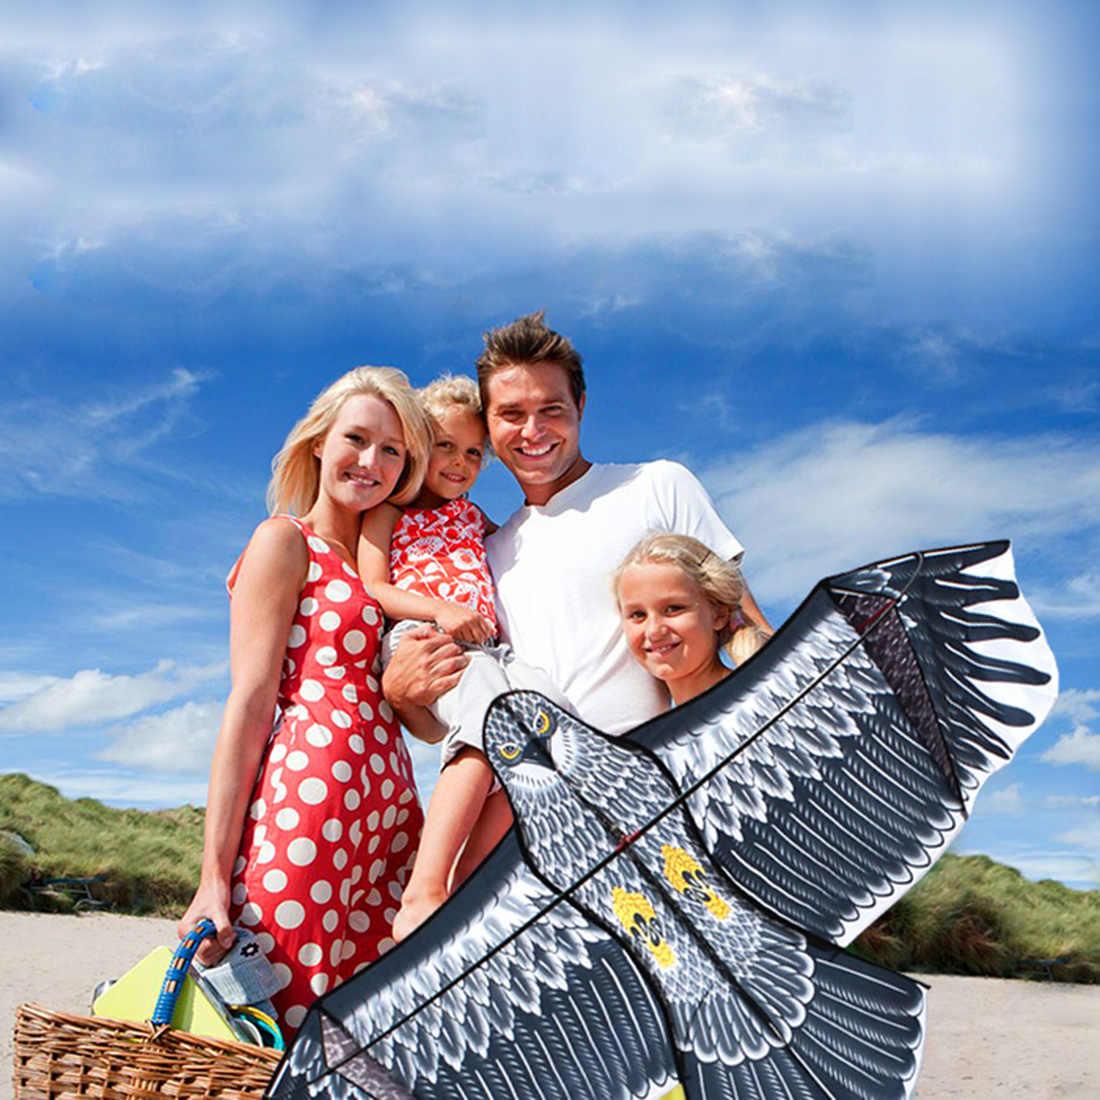 1.8m עפיפון נשר חידוש בעלי החיים עפיפונים קל Flyer צעצוע שליטה קלה טוב עף נשר עפיפון טיולים משפחתיים חיצוני כיף ספורט עבור ילד